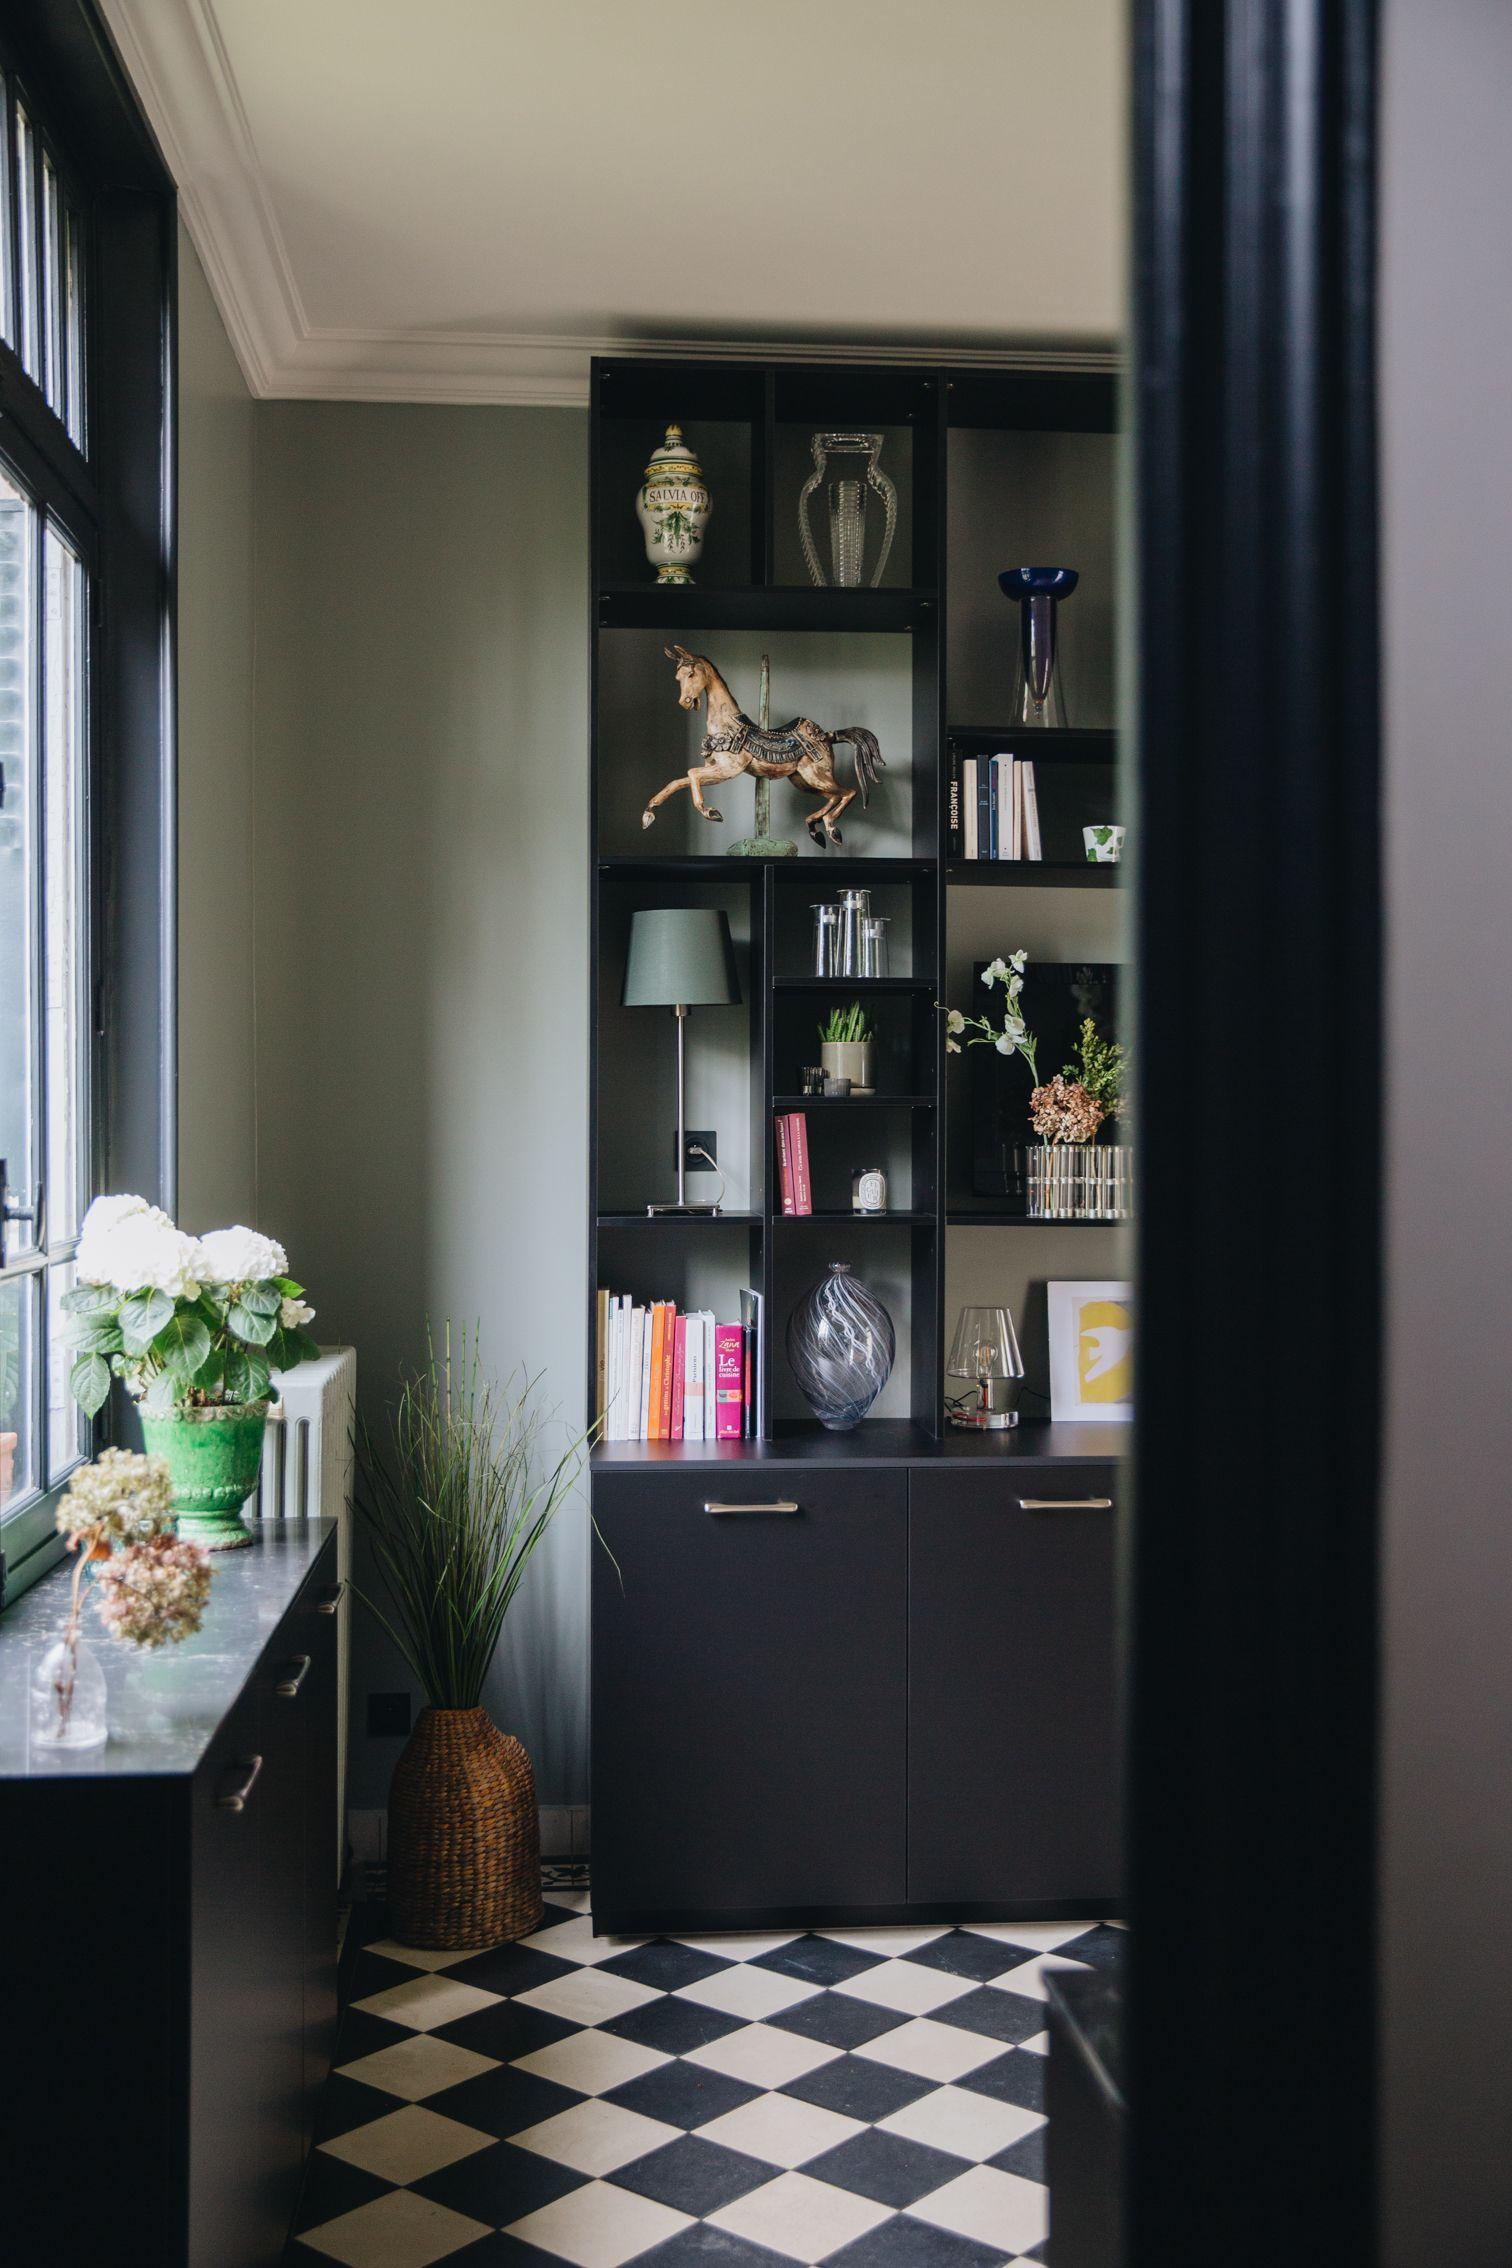 Une Bibliotheque Dans Une Cuisine Entierement Renovee Carreaux De Ciment Marbre Noir Et Bois Brut Vienne Rangement Salon Decoration Maison Bibliotheque Noire